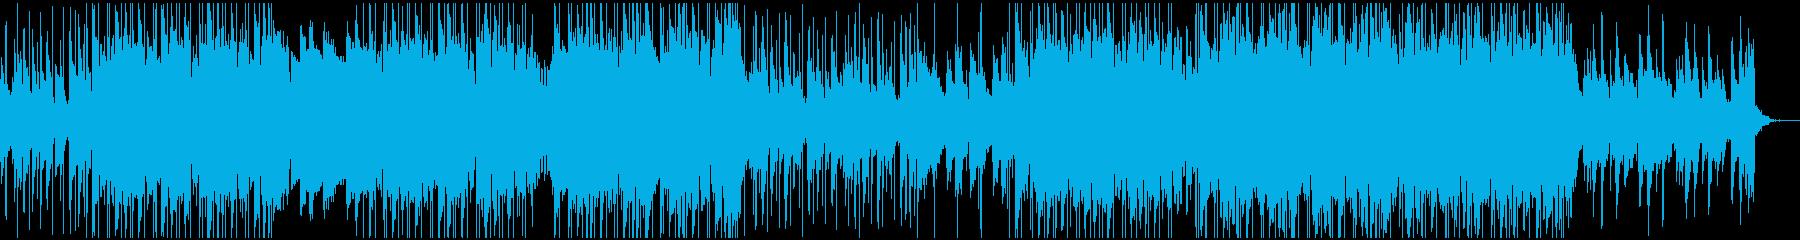 ソフトピアノメインLofi HipHopの再生済みの波形